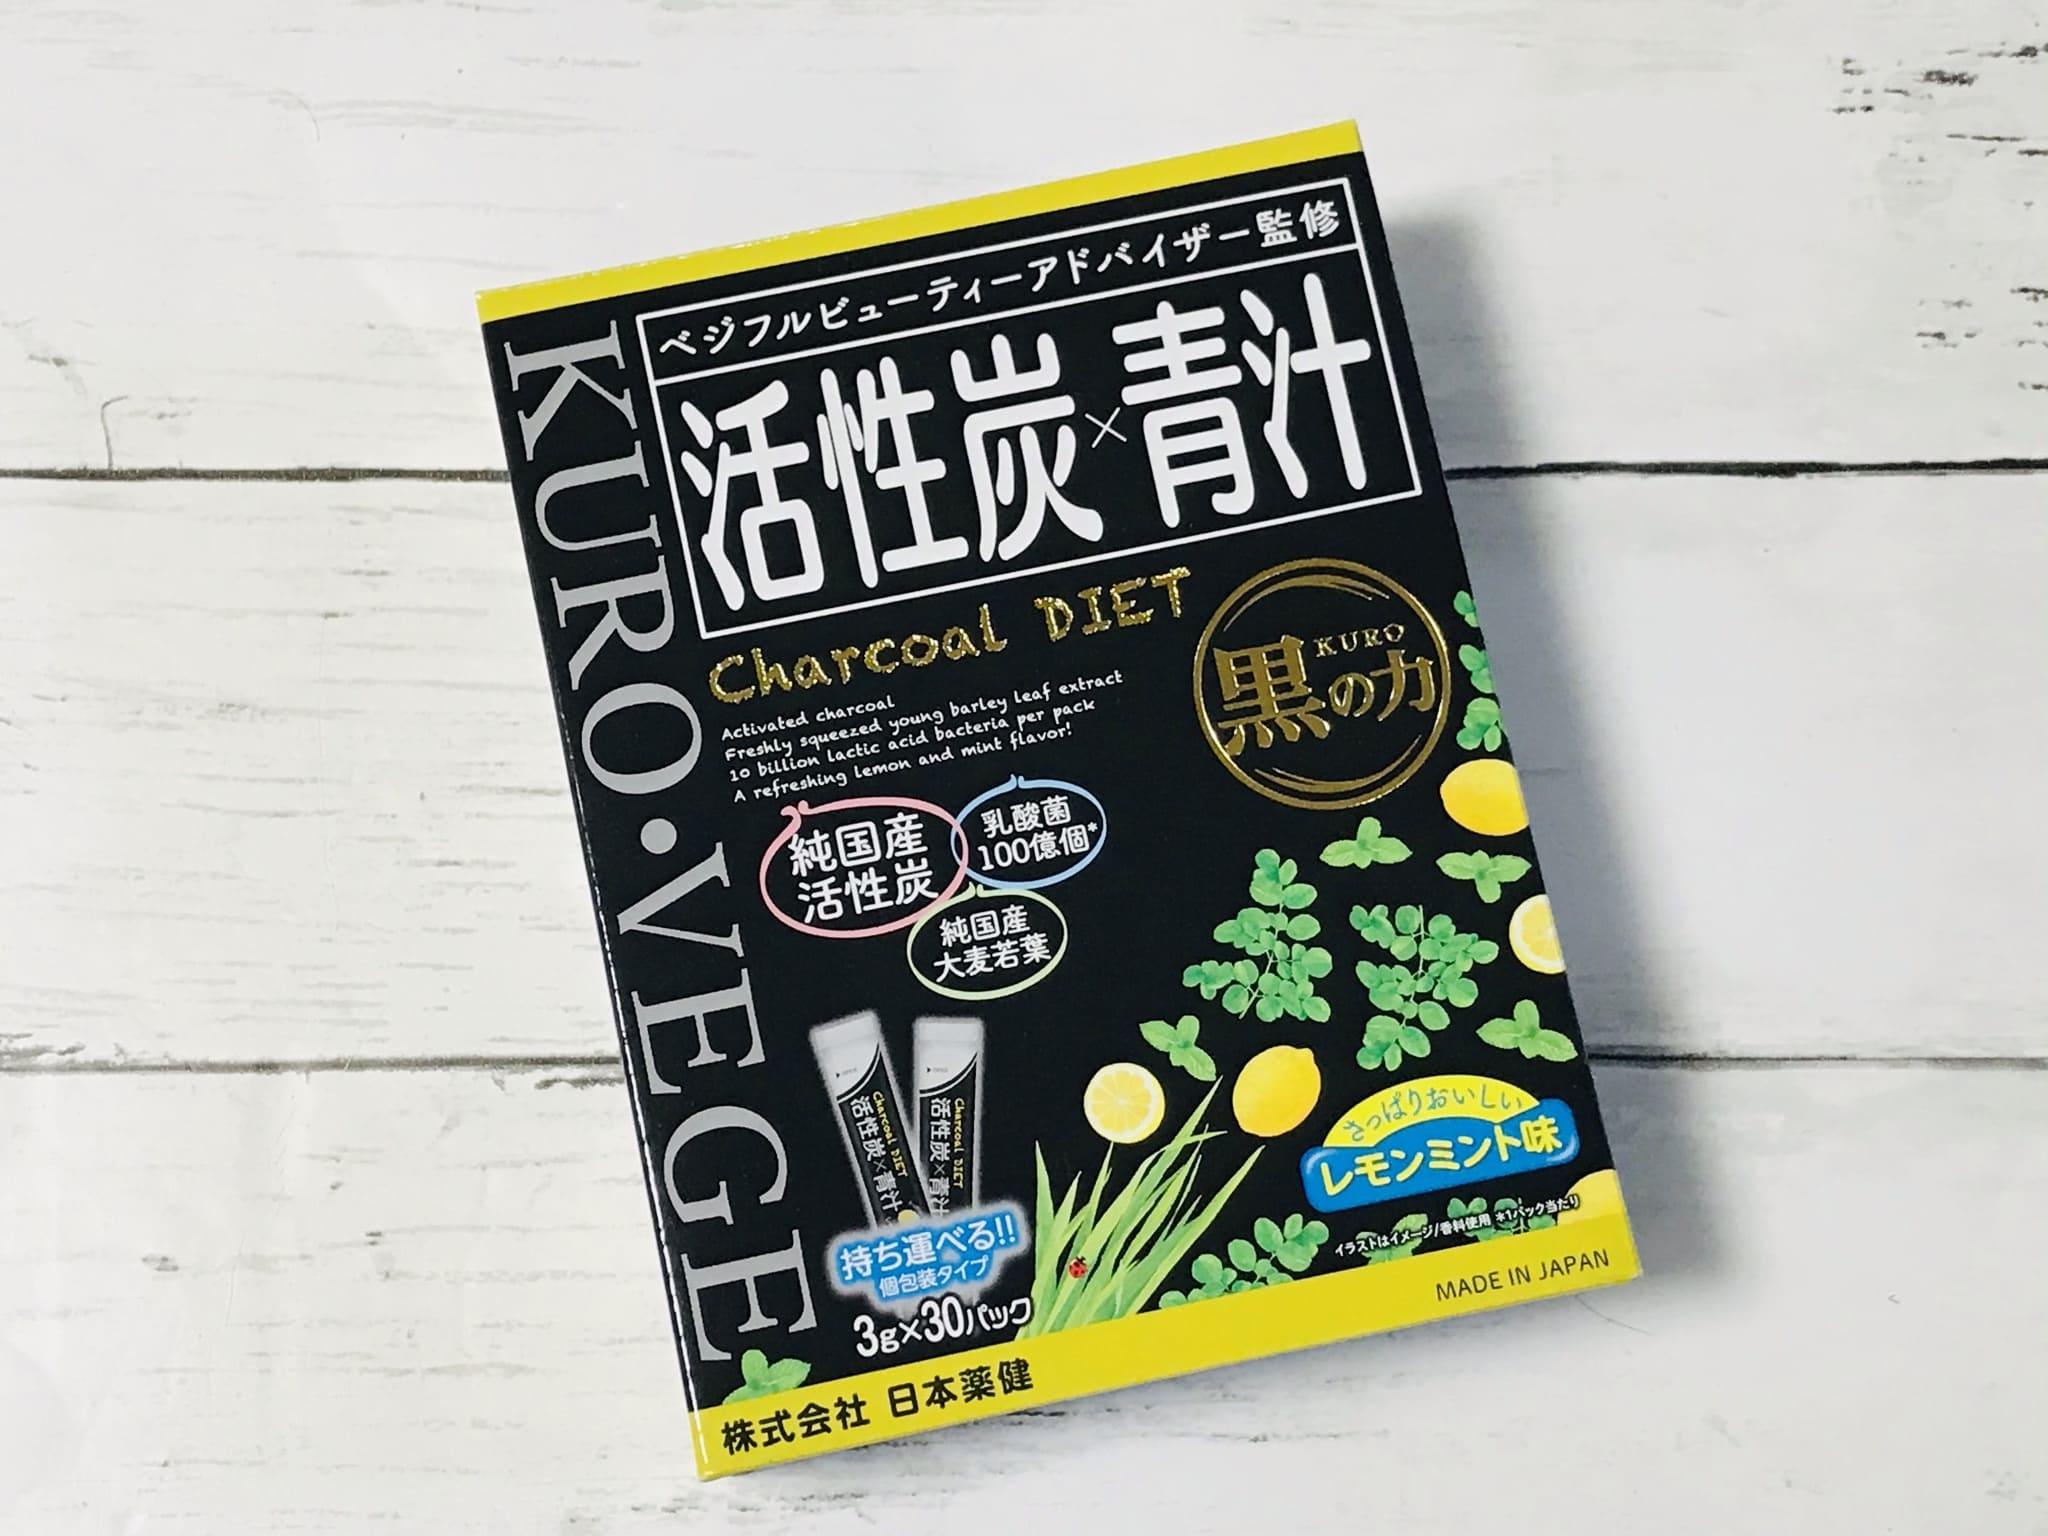 なんと真っ黒!日本薬健「活性炭×青汁」はどんな味と成分なのか